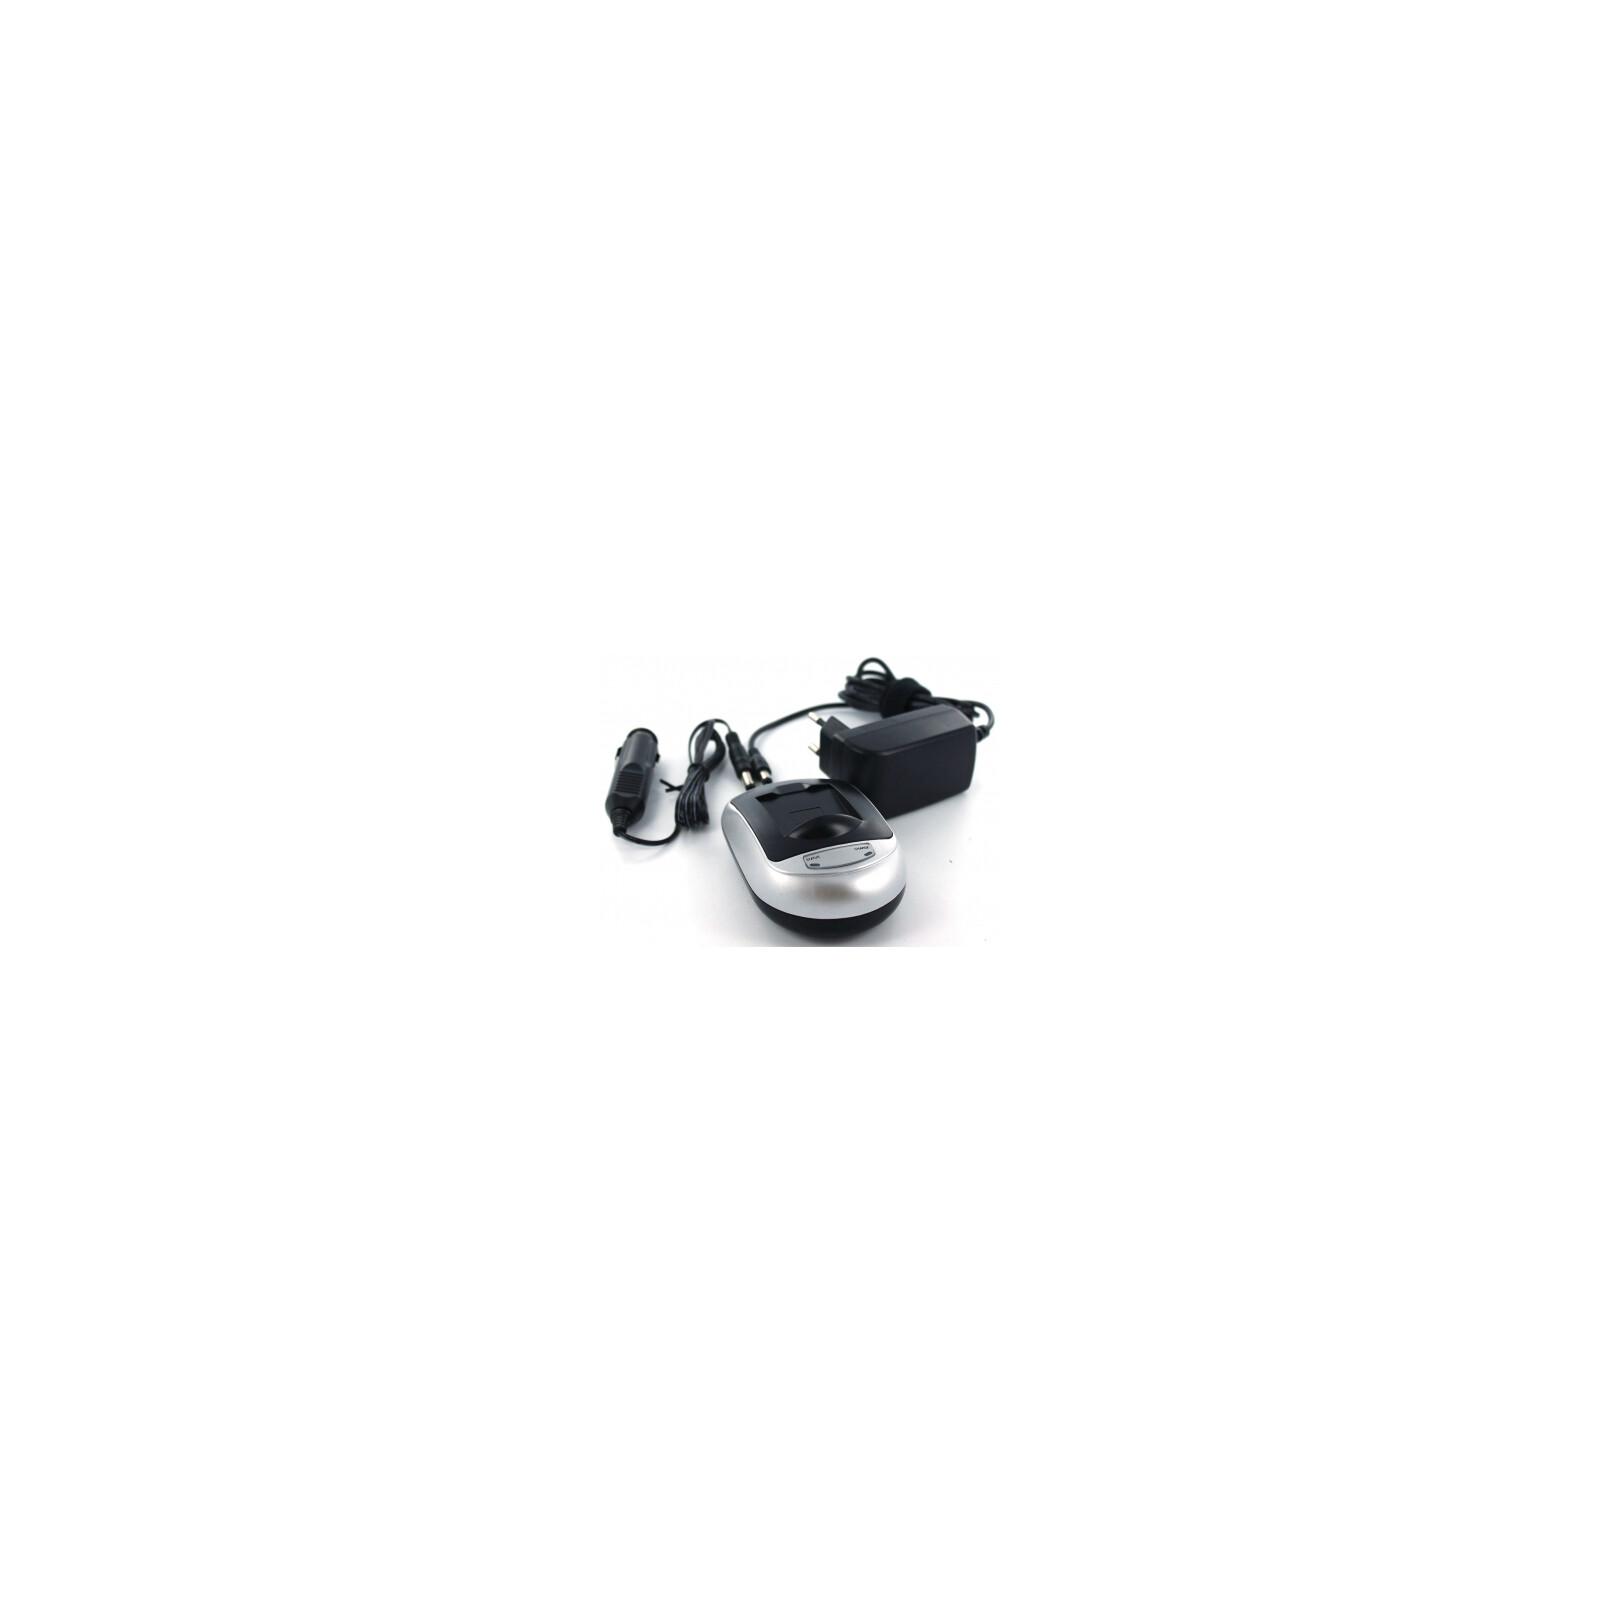 AGI 78595 Ladegerät Canon A3000 IS